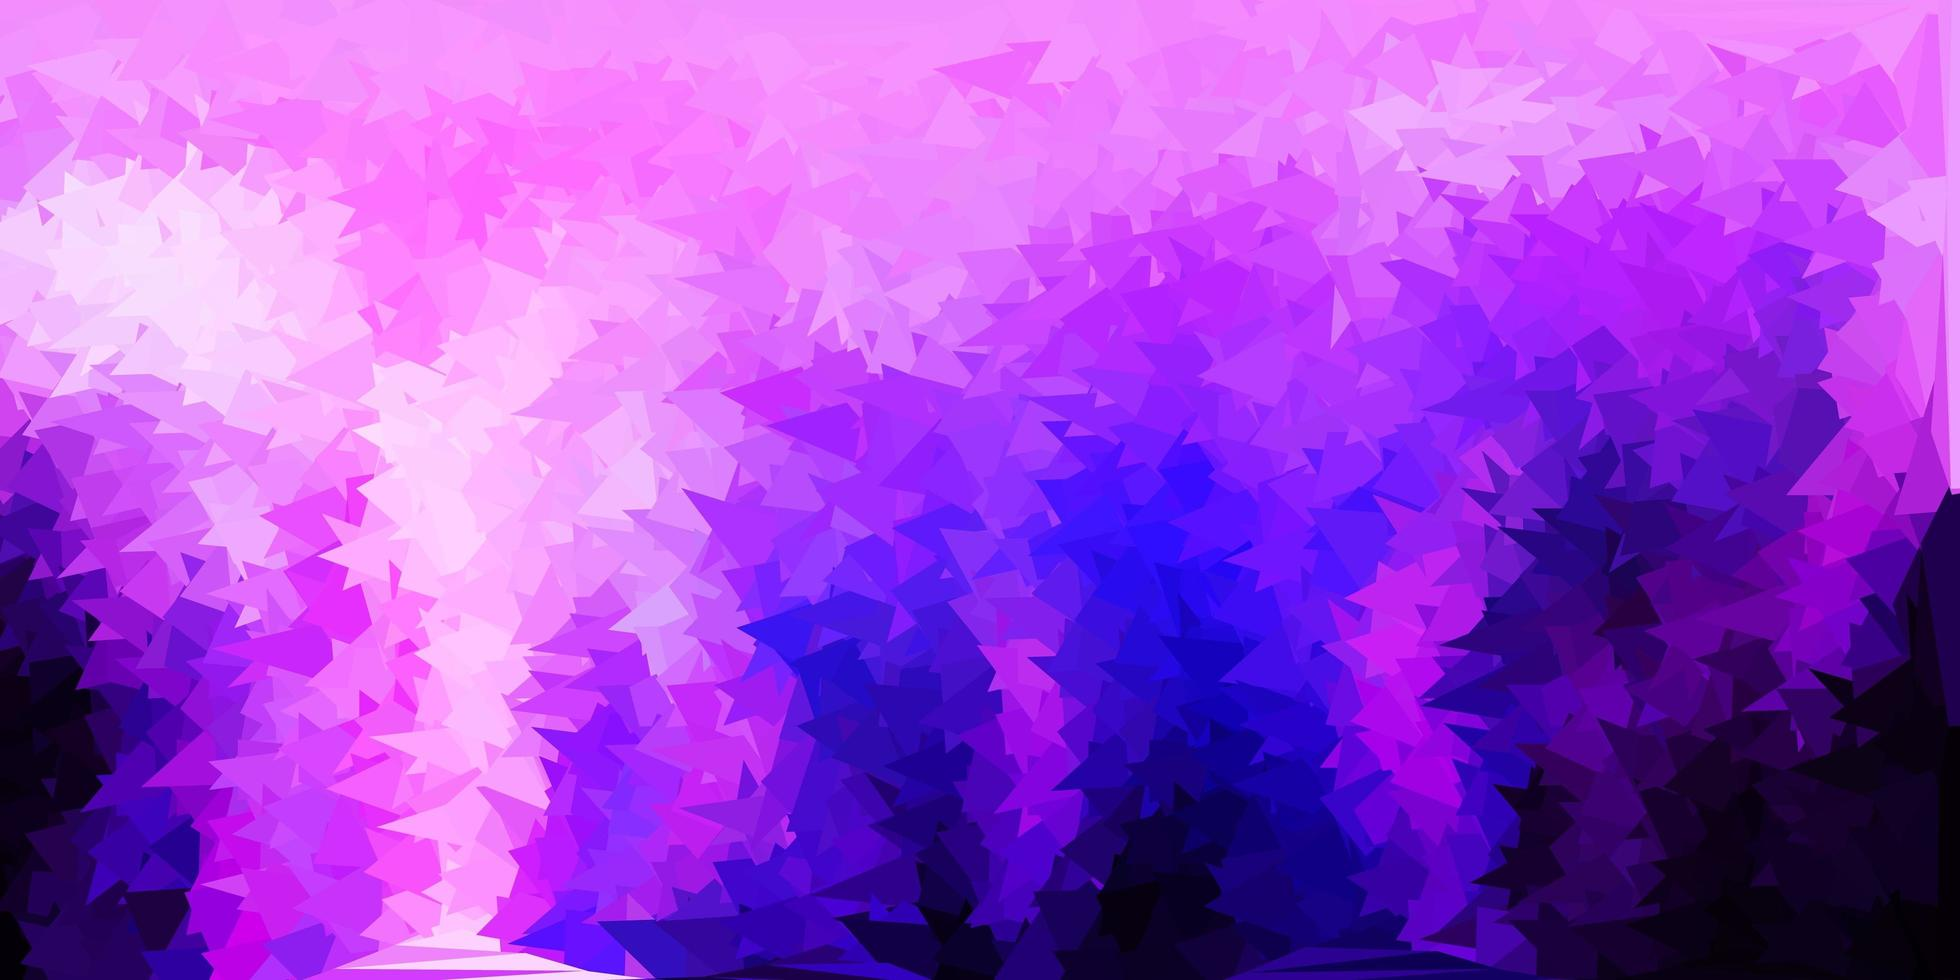 mörk lila, rosa vektor geometrisk månghörnigt layout.